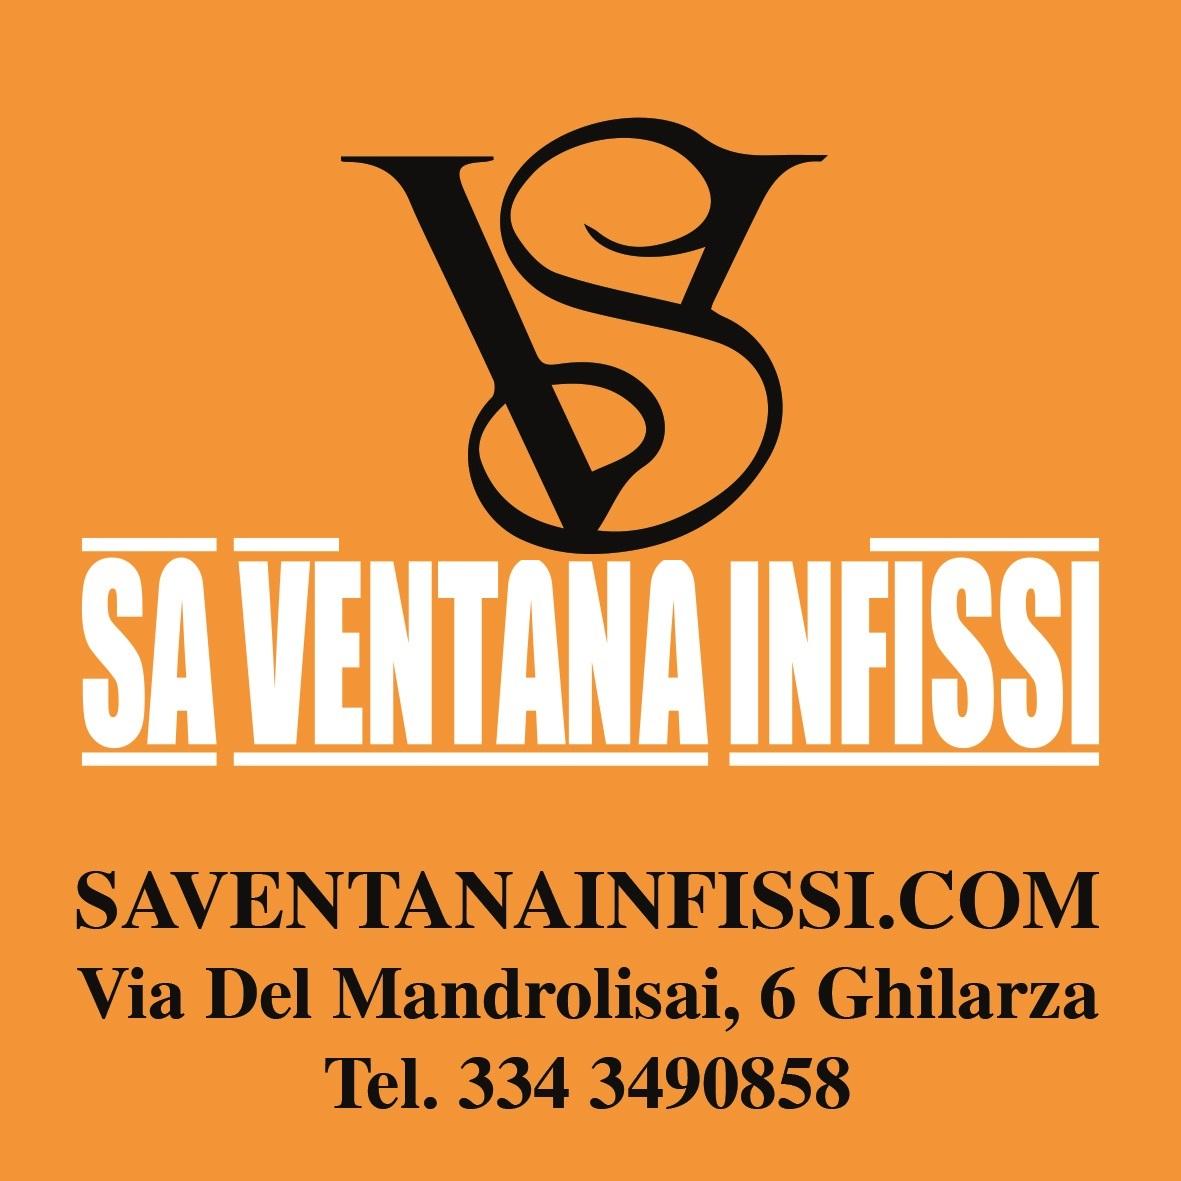 Logo Sa Ventana infissi